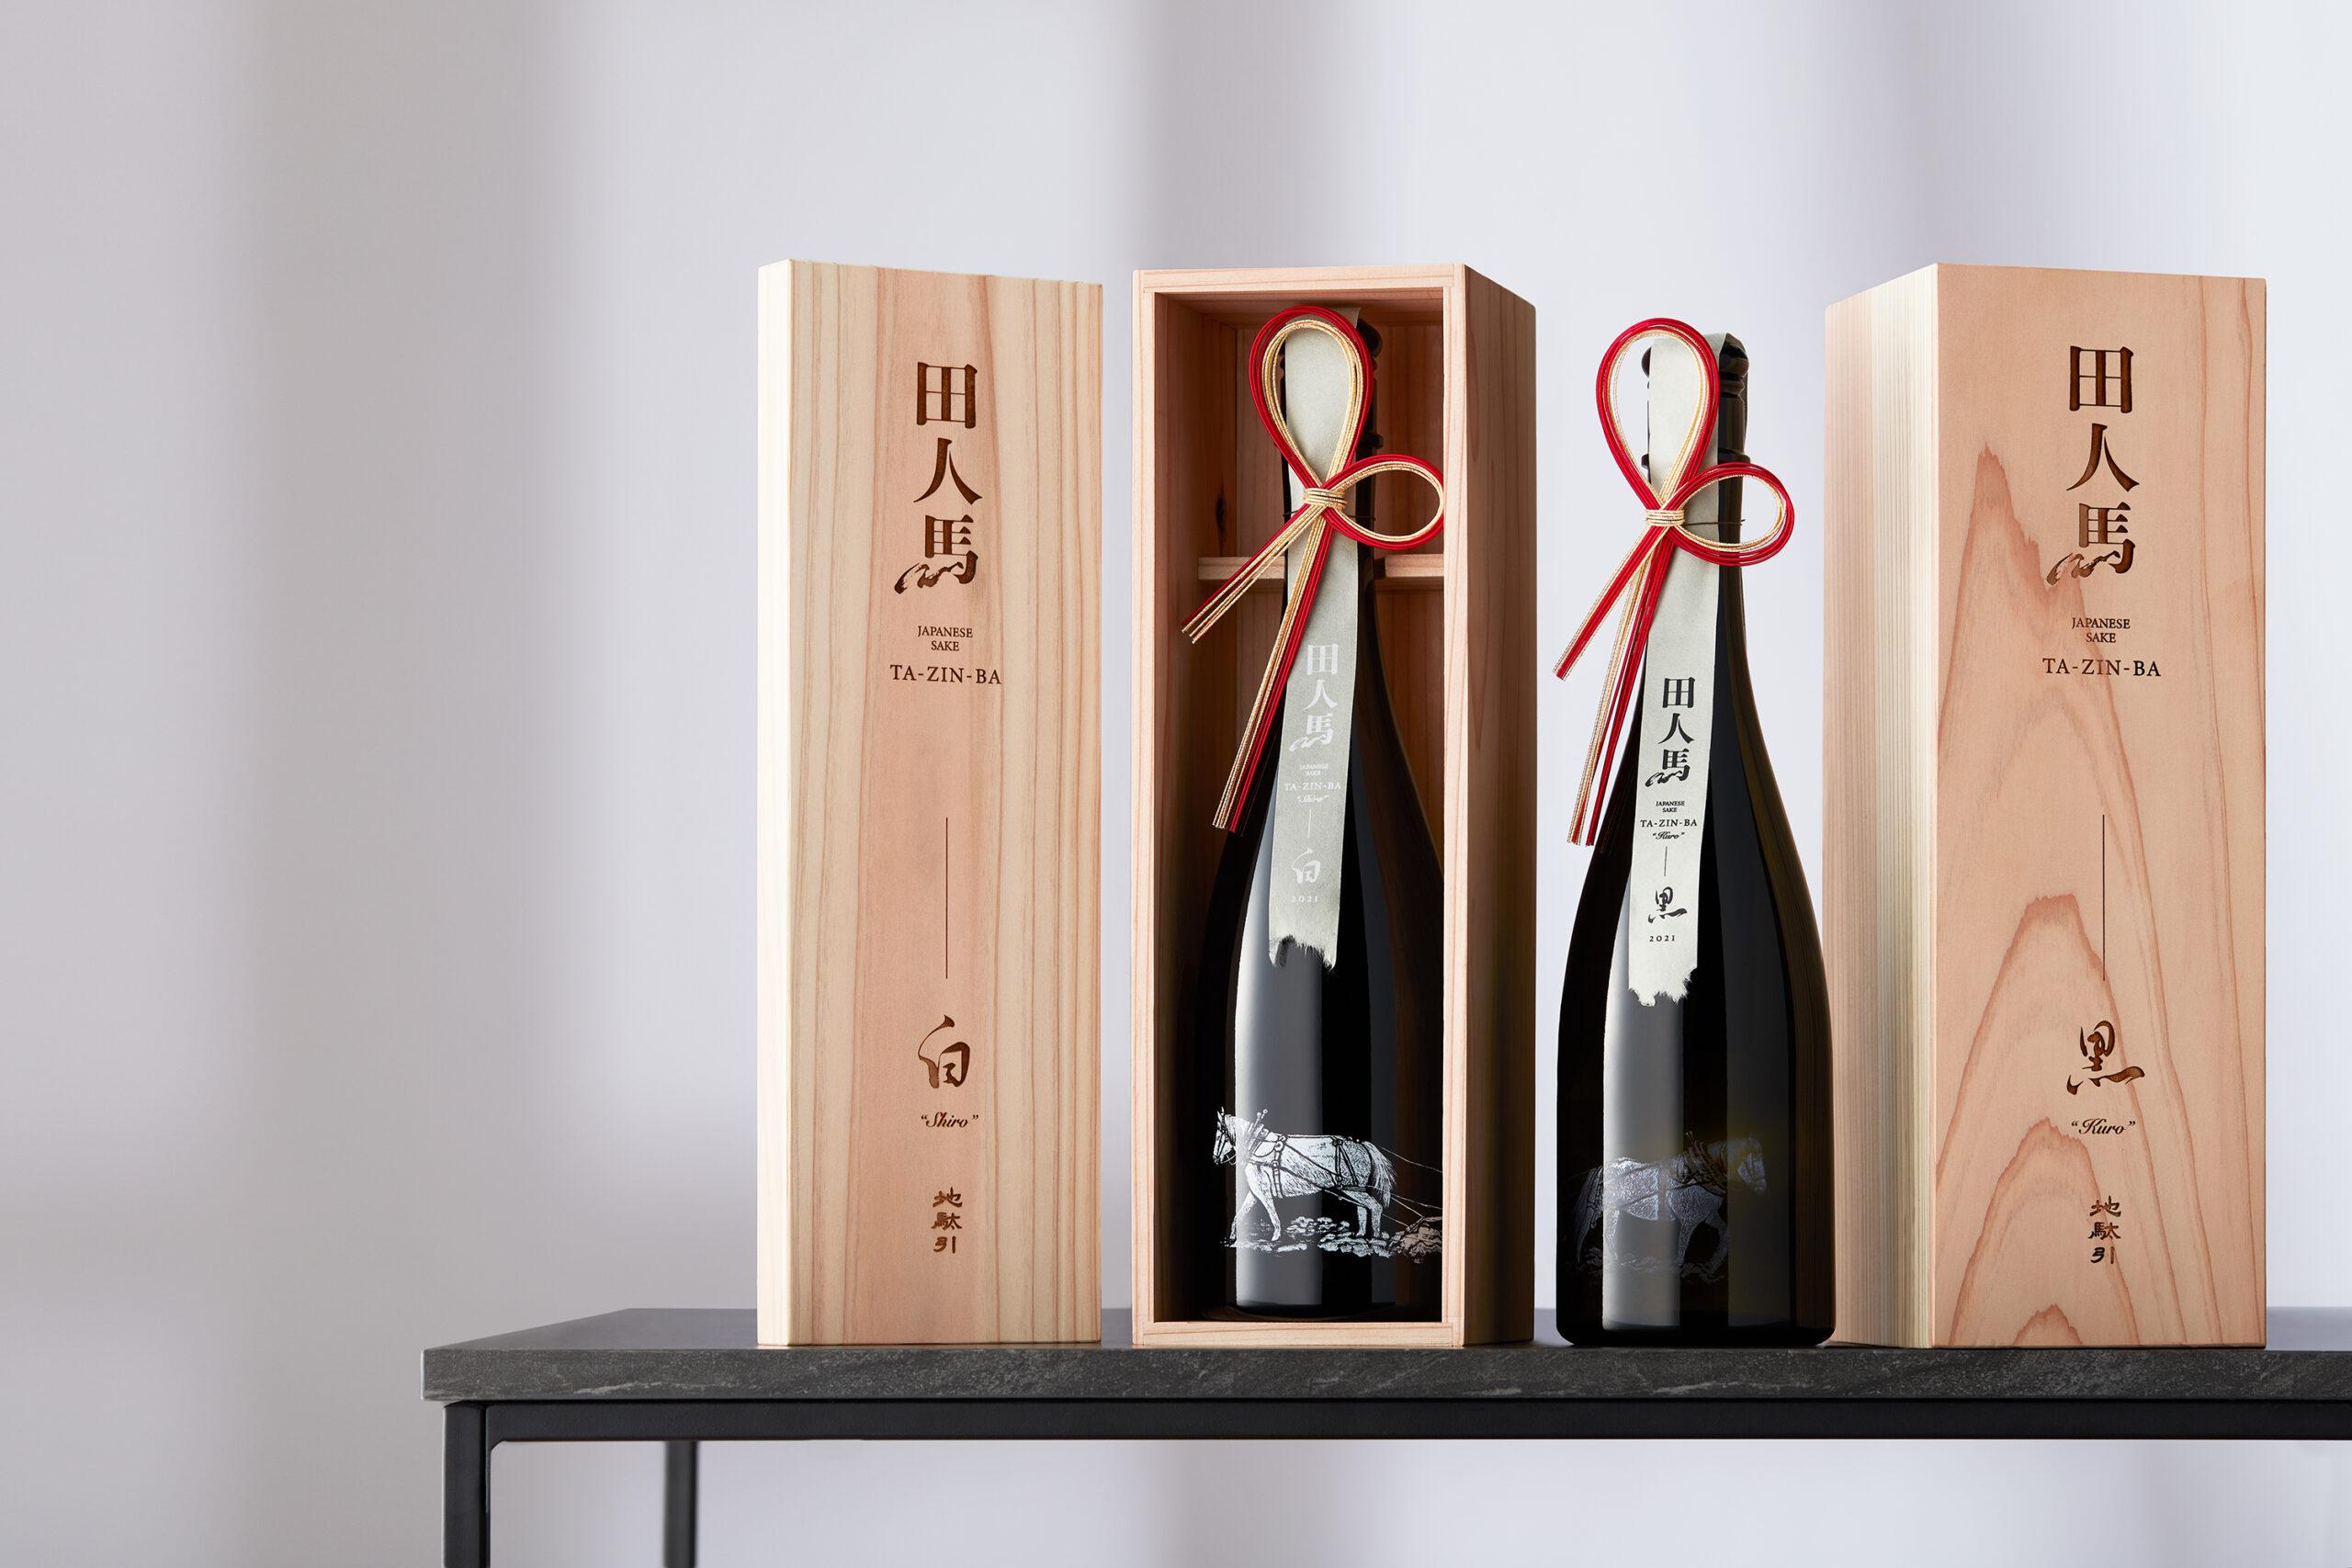 日本で唯一、馬とともに馬耕で耕し無農薬で育てた酒米から生まれた、初のテロワール日本酒「田人馬」2021年6月7日(月)新潟の三馬力社から発売開始